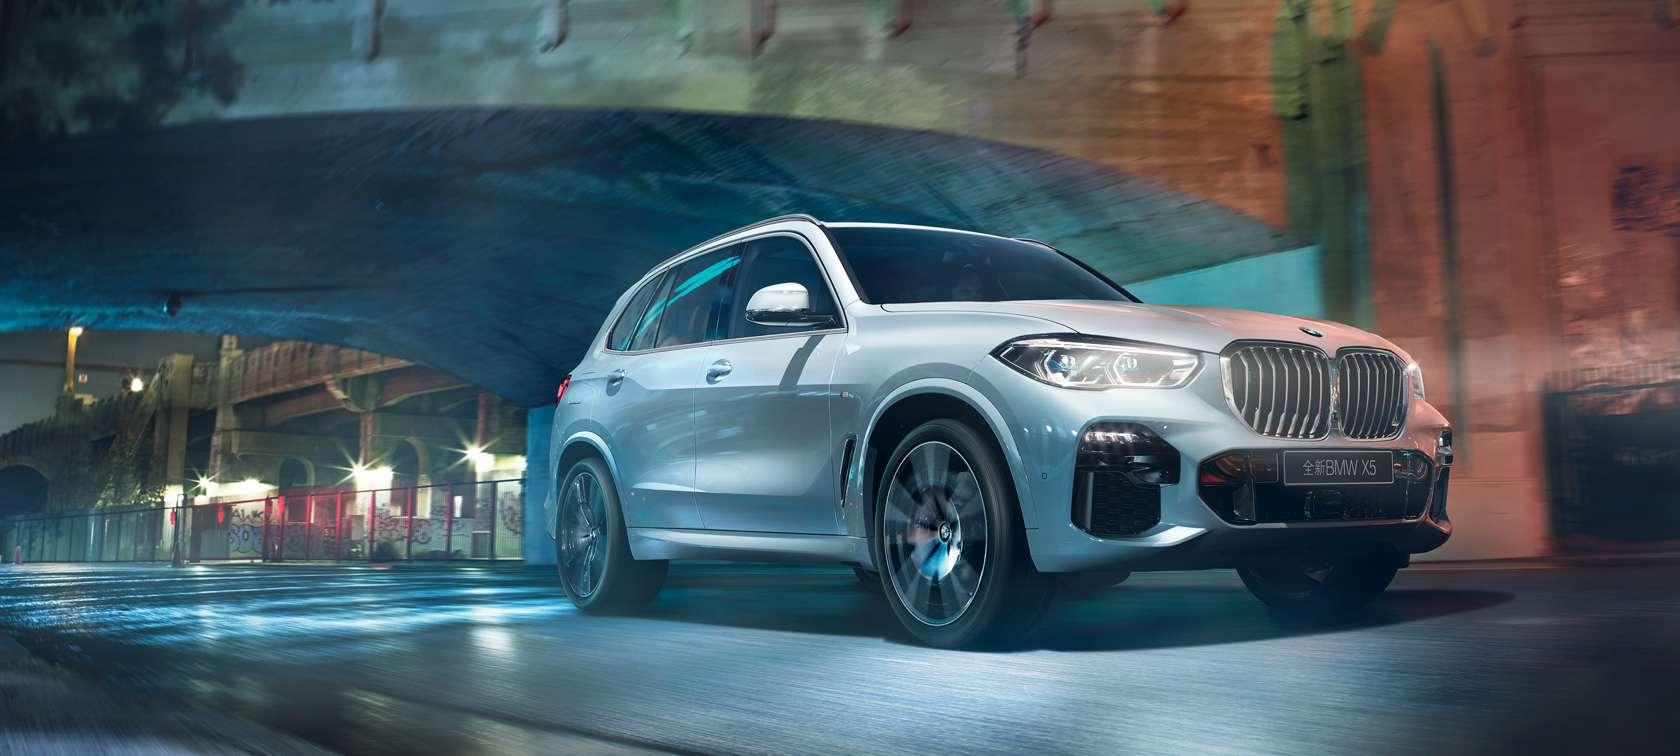 全新BMW X5矚目創新氣概 領銜演繹